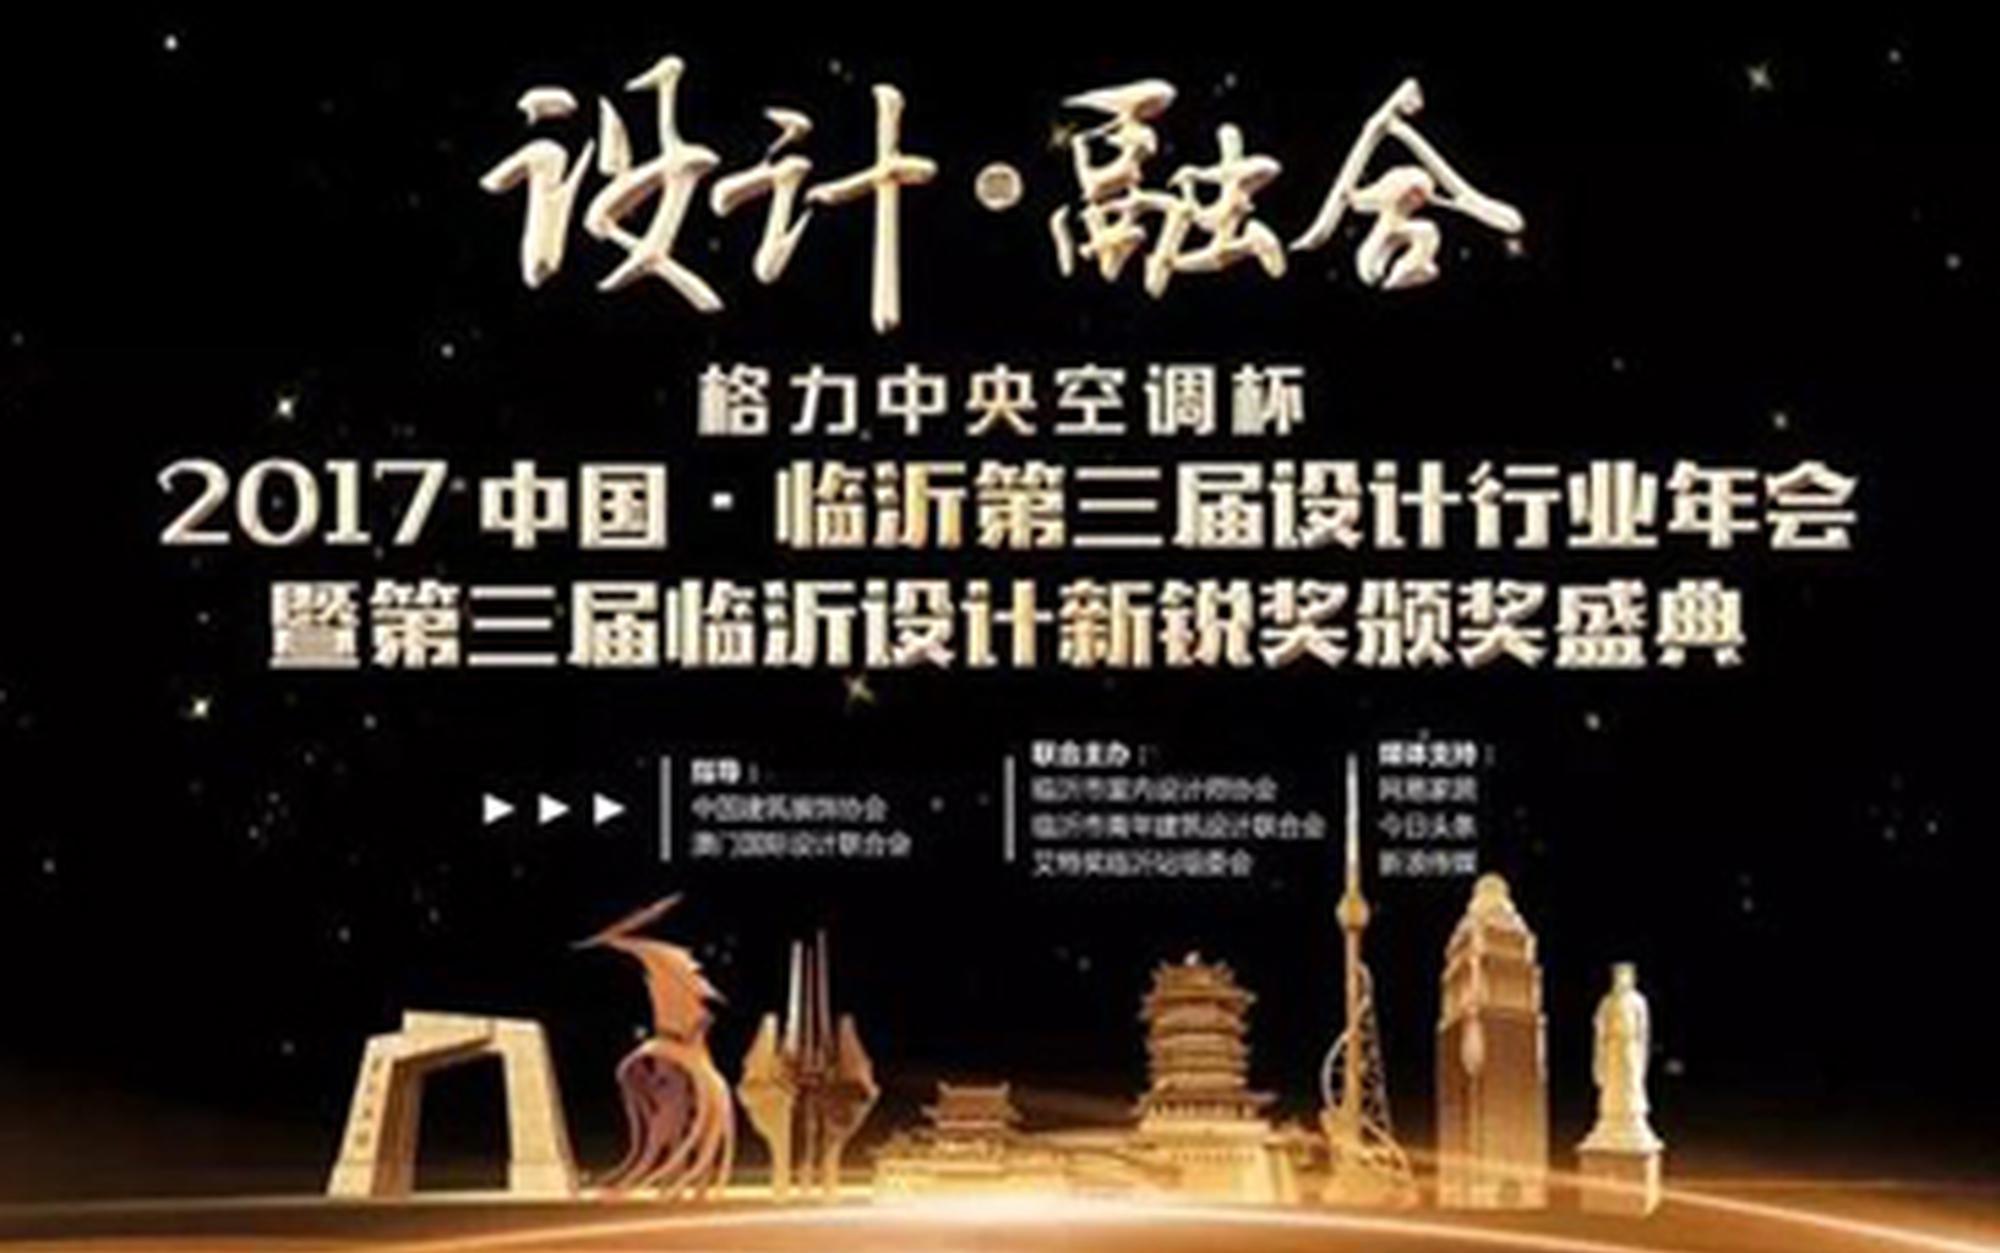 临沂市第三届设计行业年会